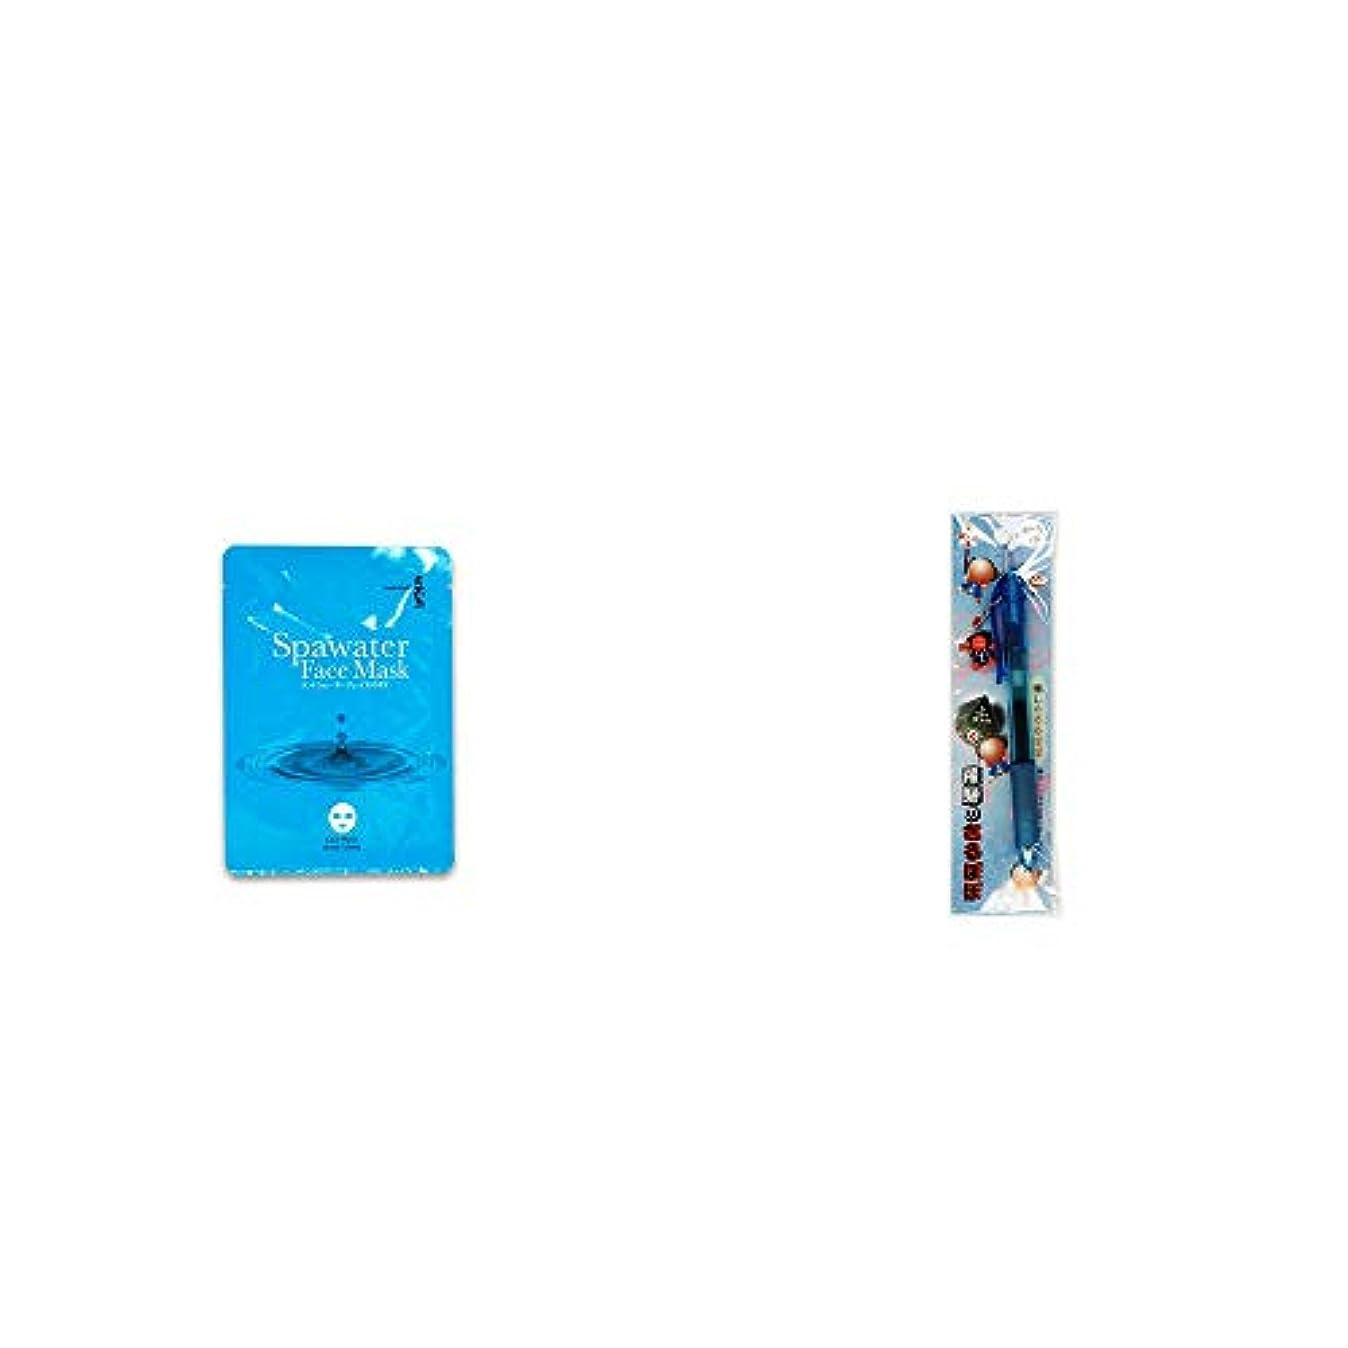 ピルファー債務者検索[2点セット] ひのき炭黒泉 スパウォーターフェイスマスク(18ml×3枚入)?さるぼぼ 癒しボールペン 【ブルー】